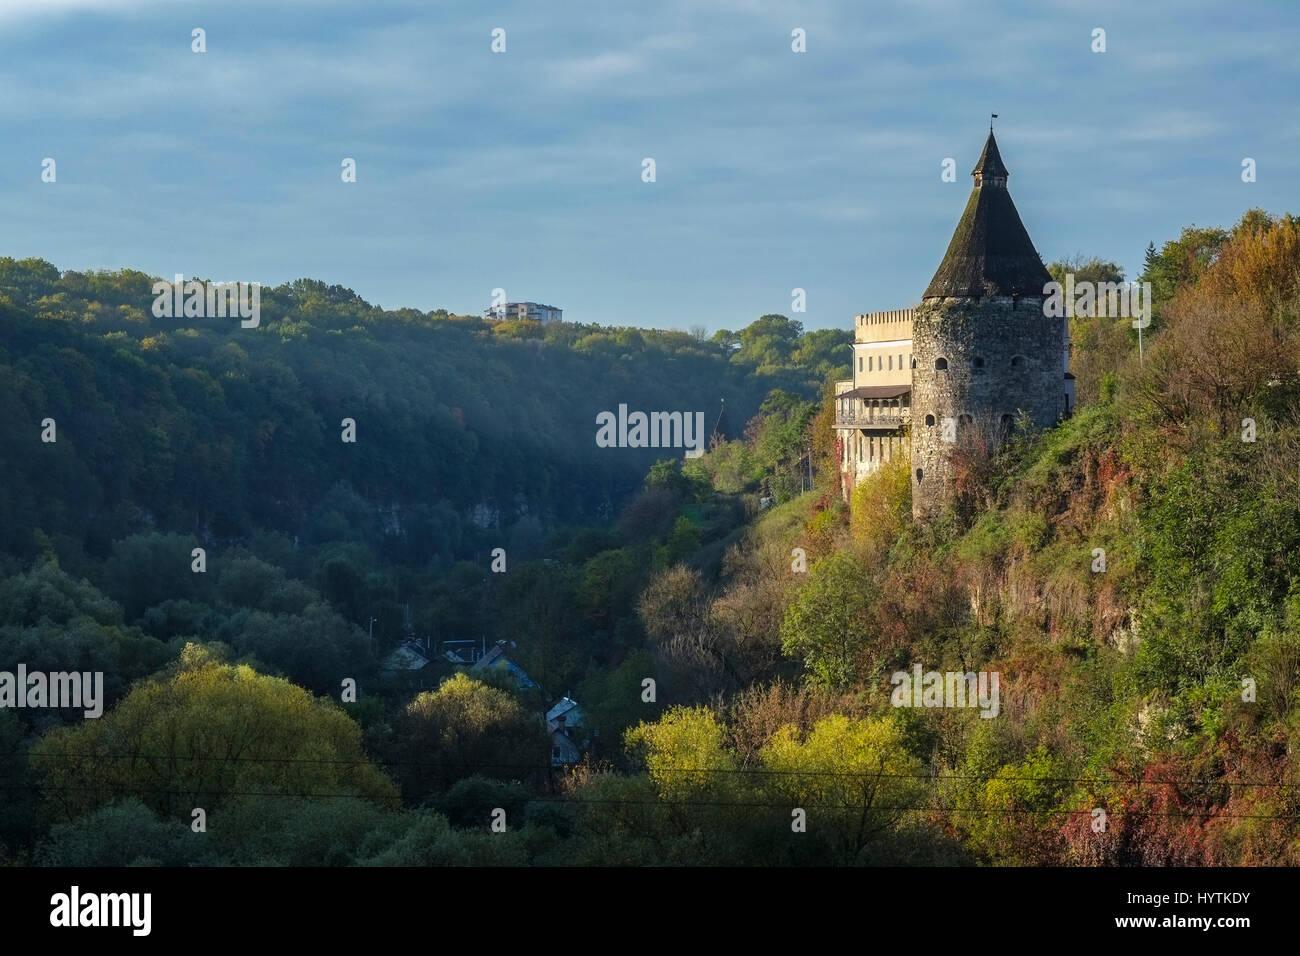 Una torre di vedetta sopra il canyon del fiume smotrych in kamianets-podilskyi, Ucraina occidentale. alberi stanno Foto Stock